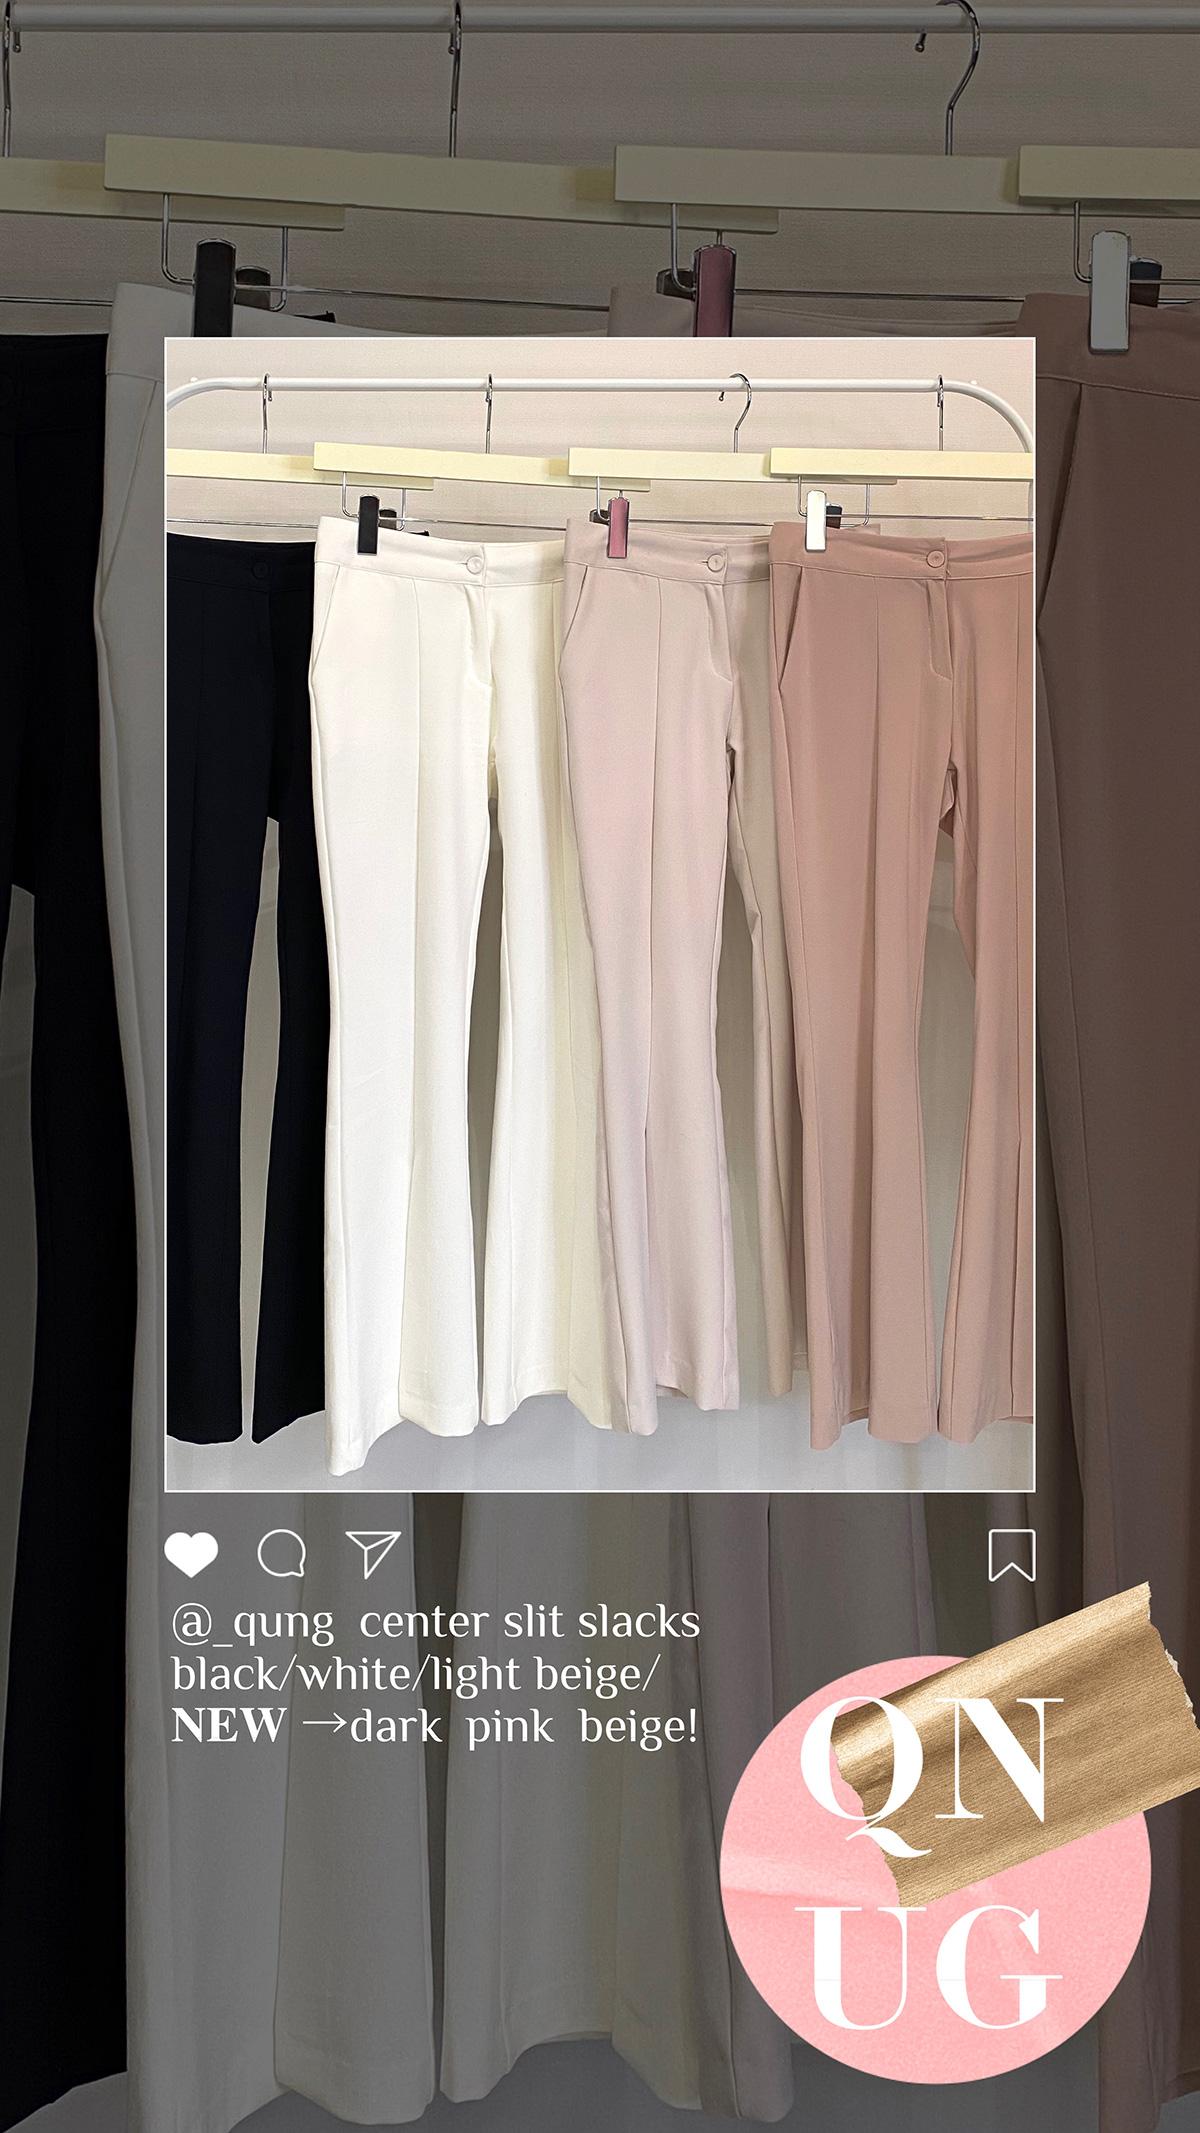 センタースリットスラックス カラー:ブラック、ライトベージュ、ホワイト、ダークピンクベージュ